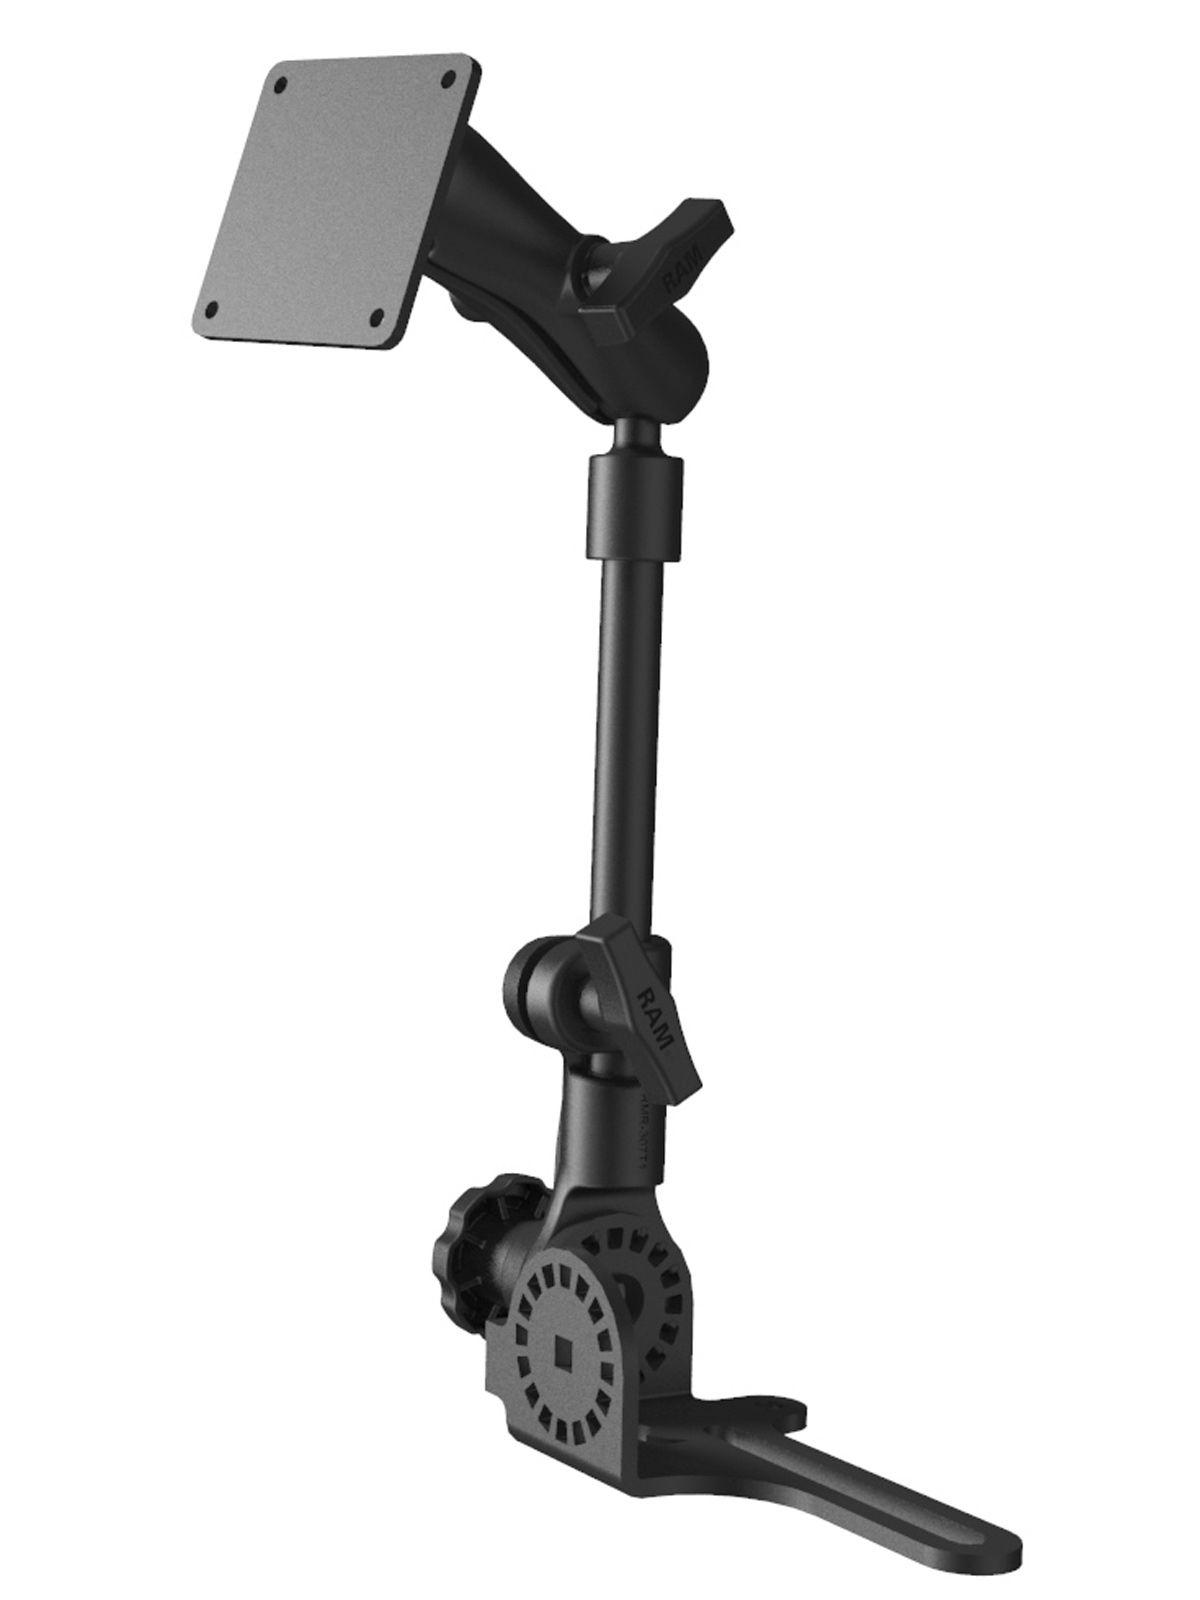 RAM Mounts Pod HD Universal Fahrzeughalterung mit VESA-Anbindung - Ratchet-System, max. 80 cm hoch, mittlerer Verbindungsarm, VESA-Platte, C-Kugel (1,5 Zoll)